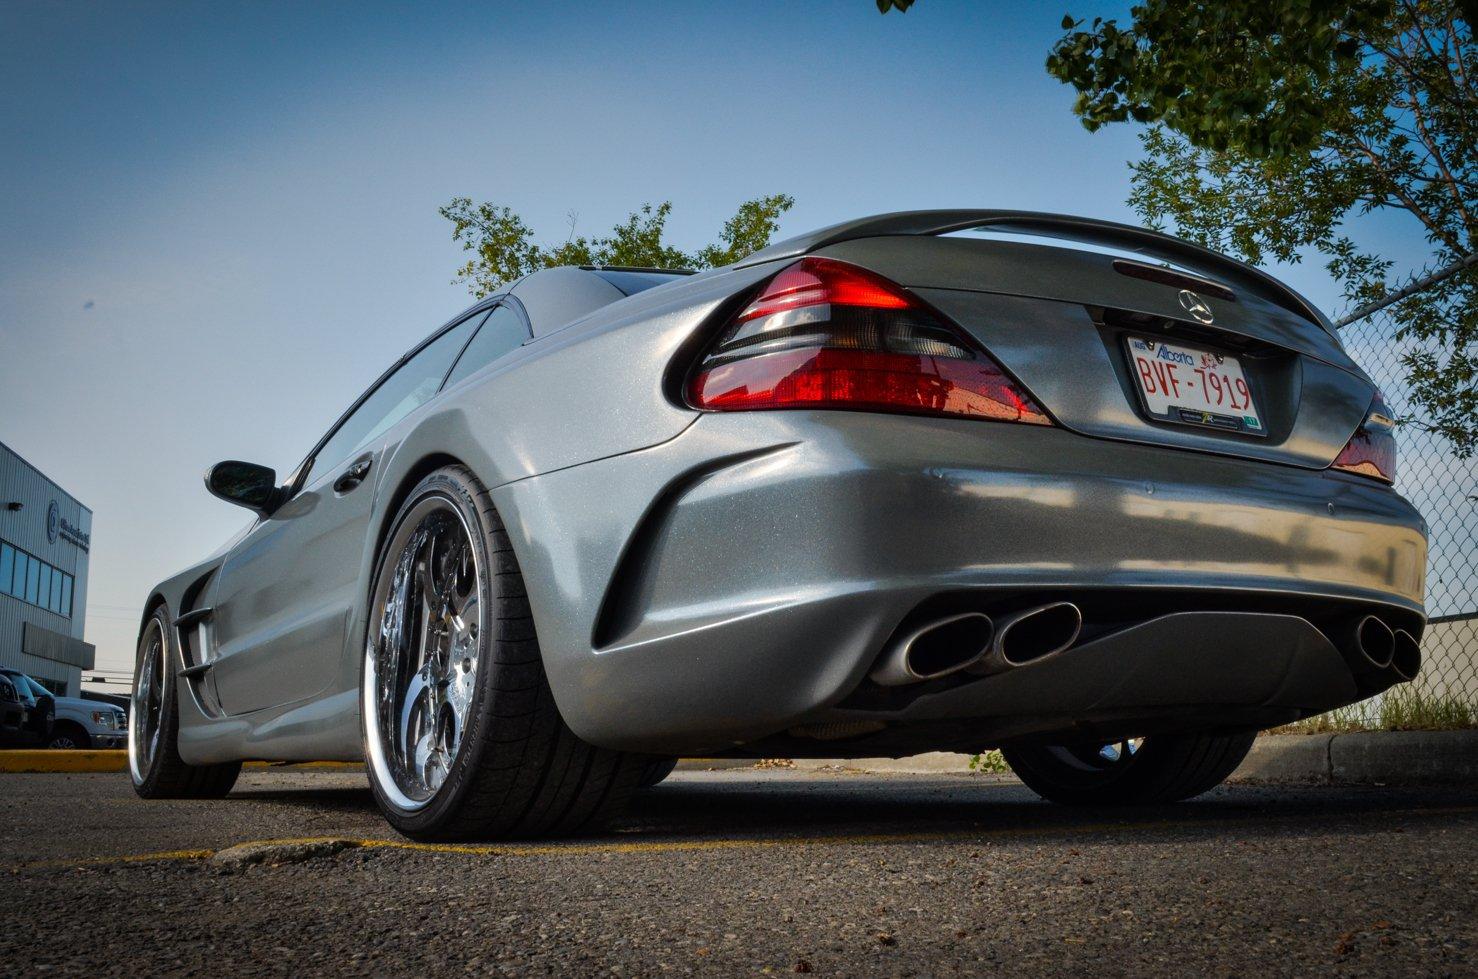 640-сильный Mercedes SL55 AMG в исполнении ZR Auto